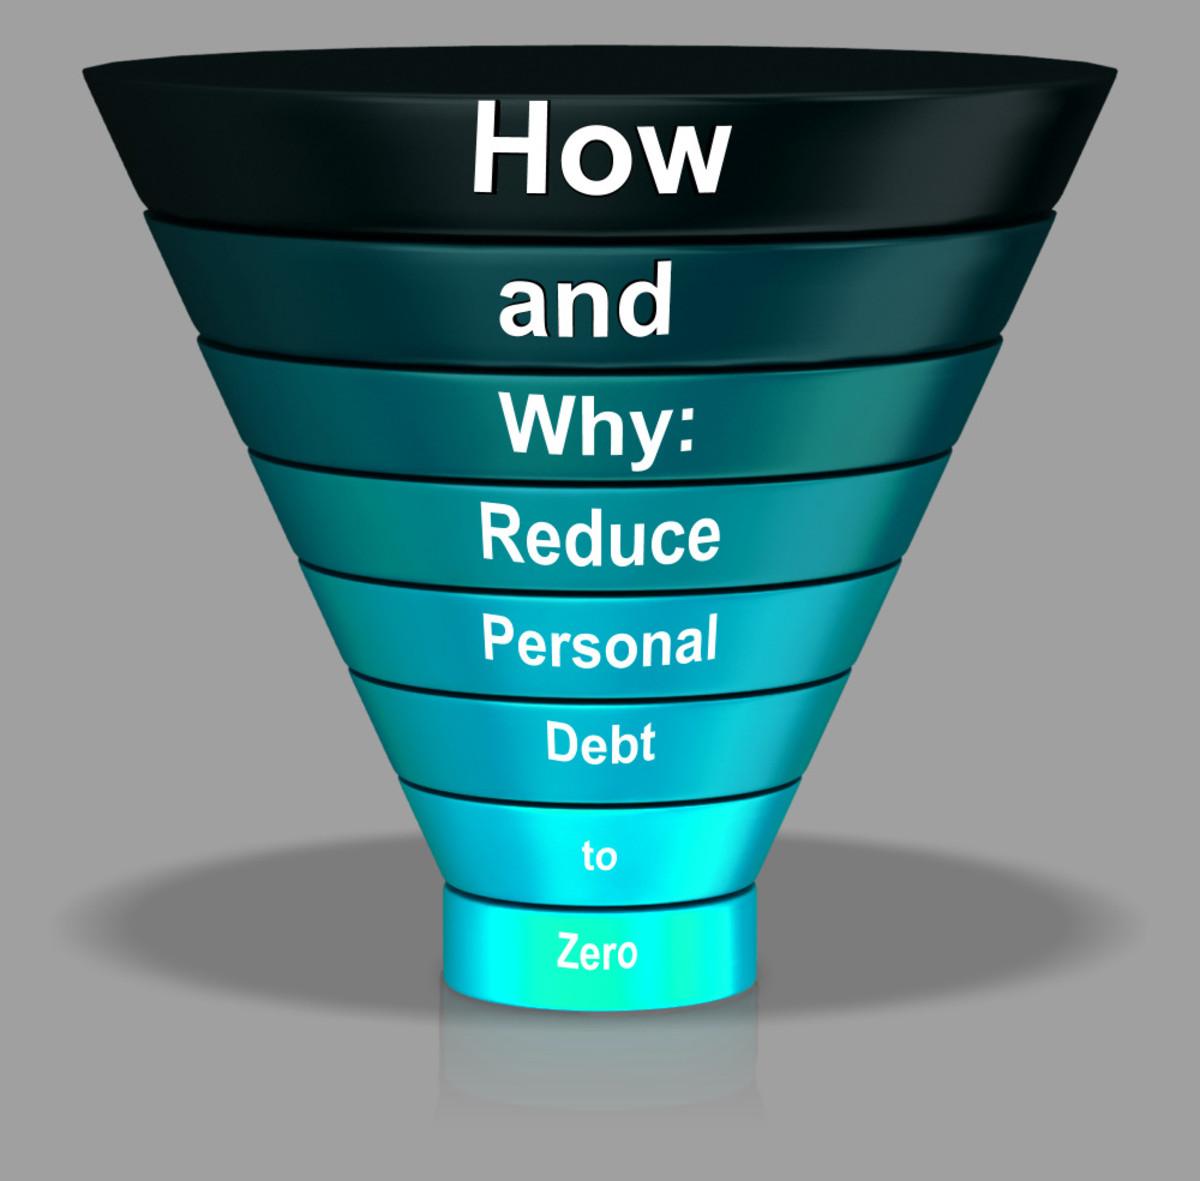 债务正朝着错误的方向发展。